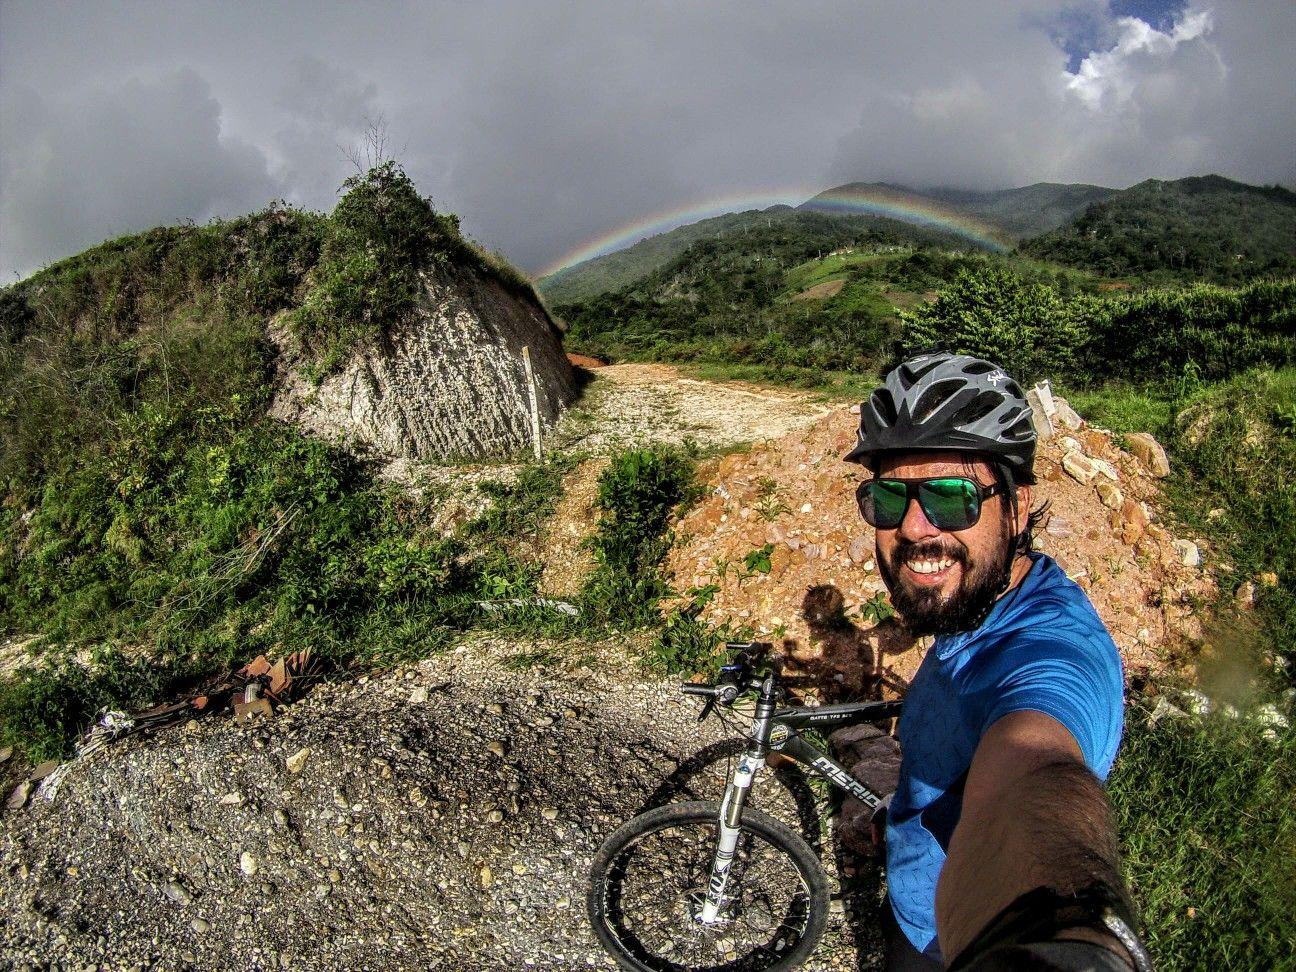 La naturaleza se aprecia mejor sobre una bicicleta (mtb).